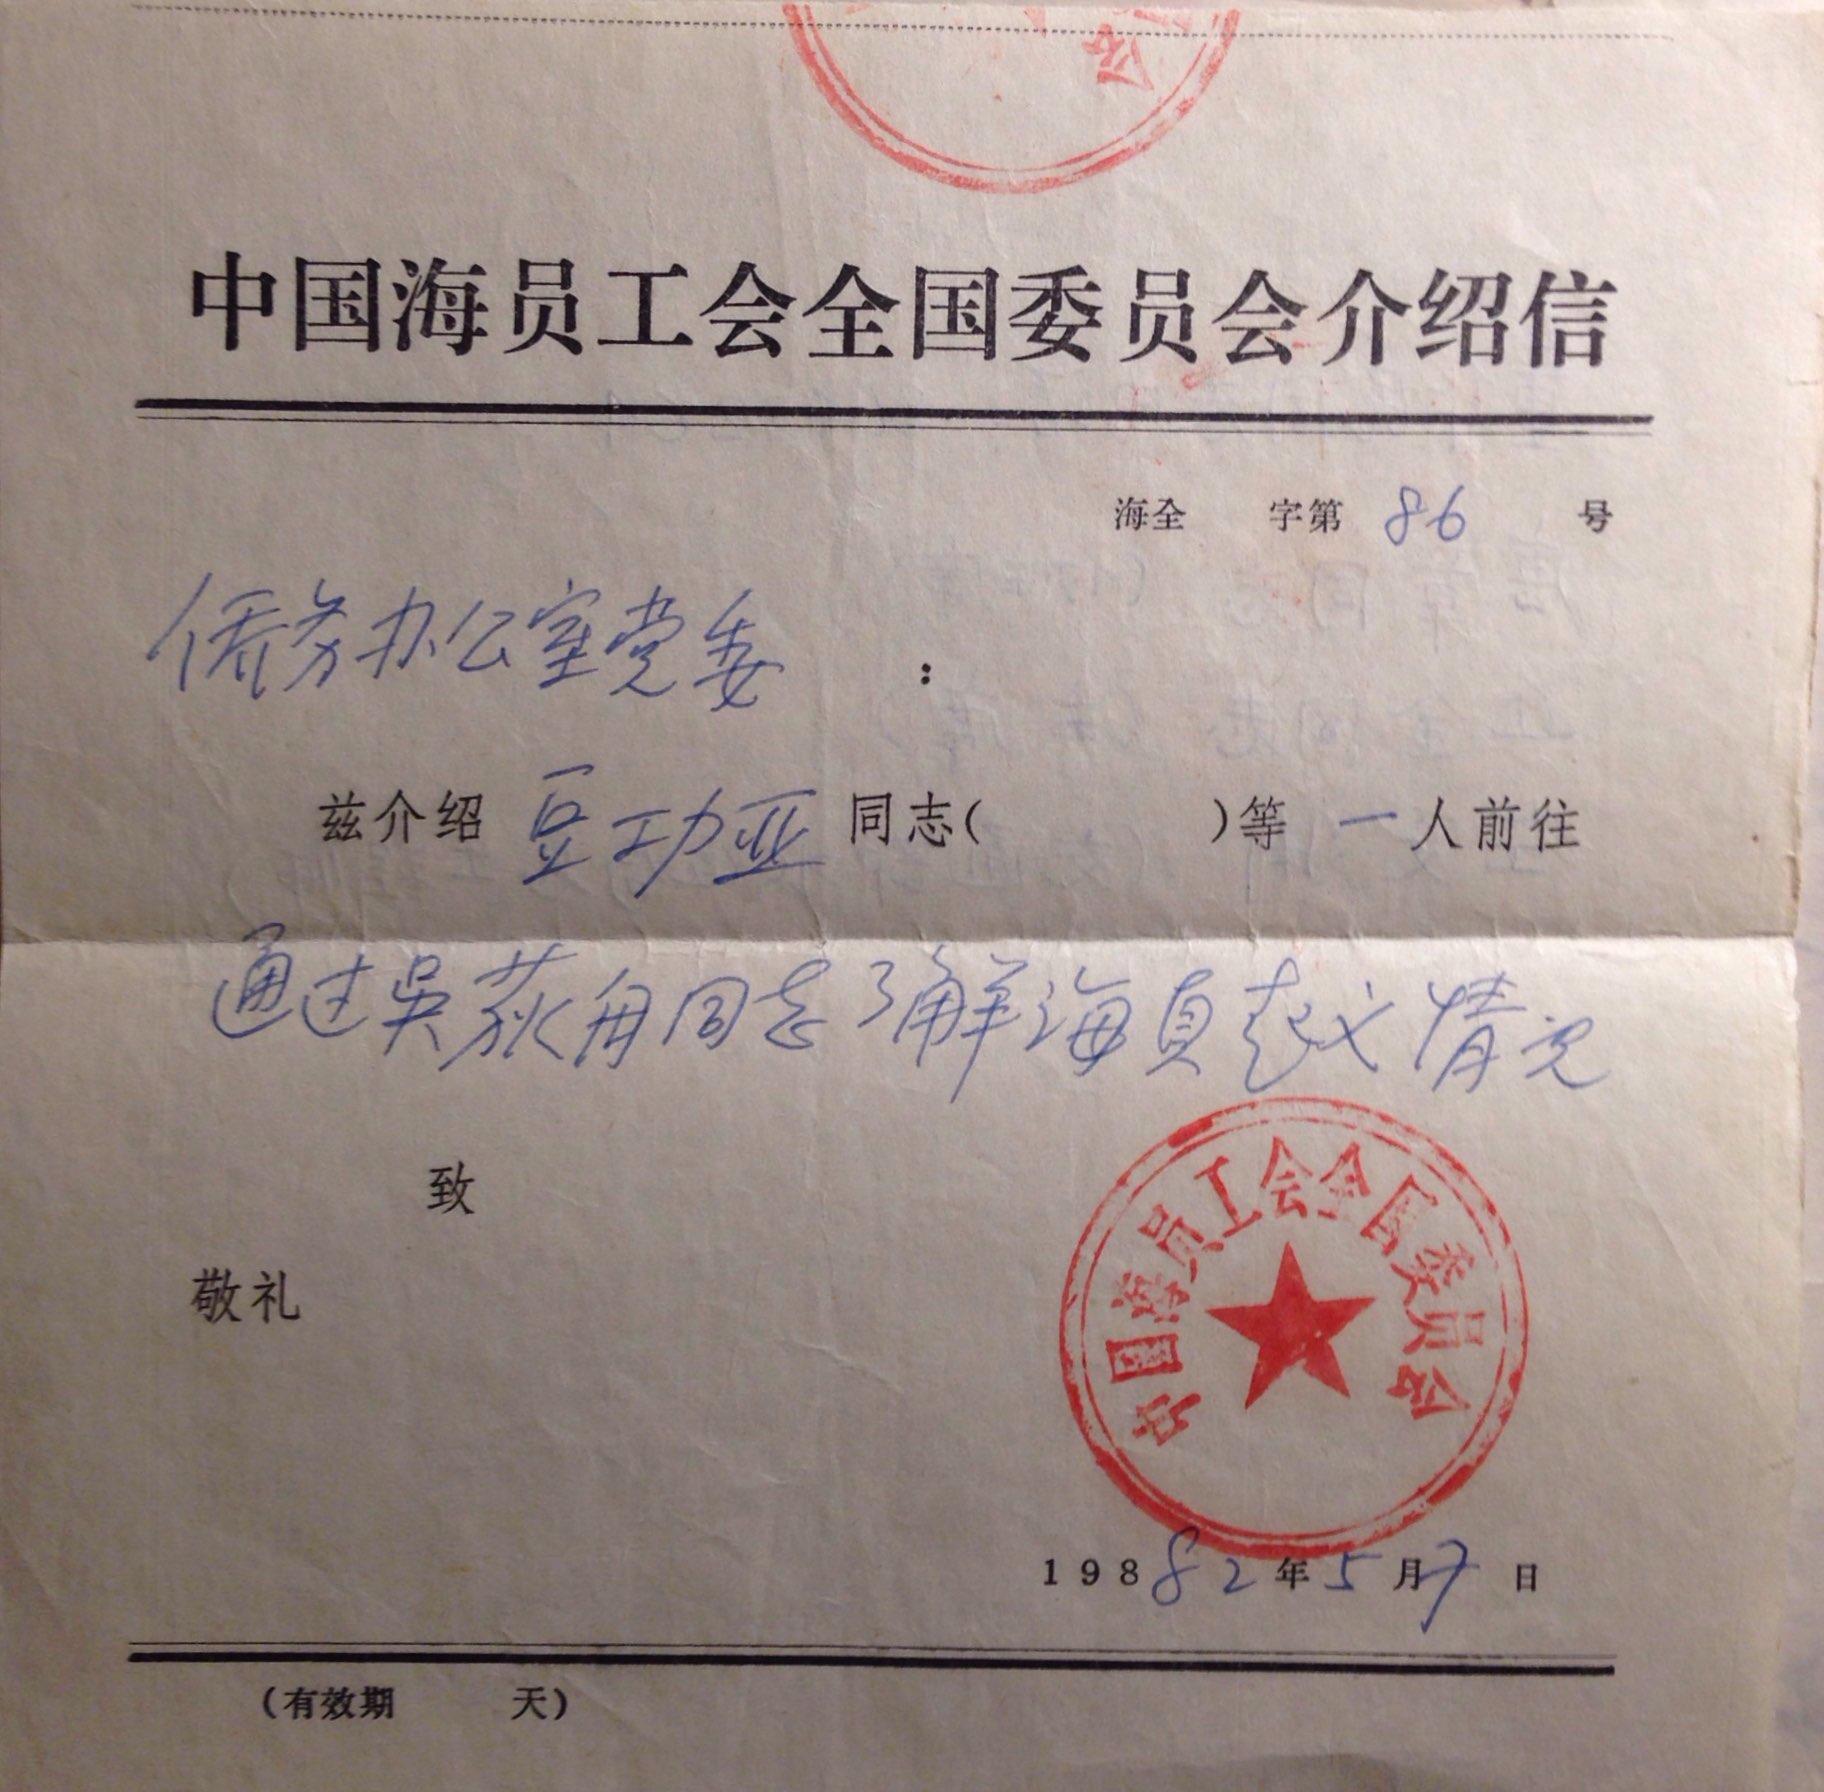 一份蓋了紅色公章的介紹信,中國海員工會全國委員會派人向吳荻舟了解海員起義情況